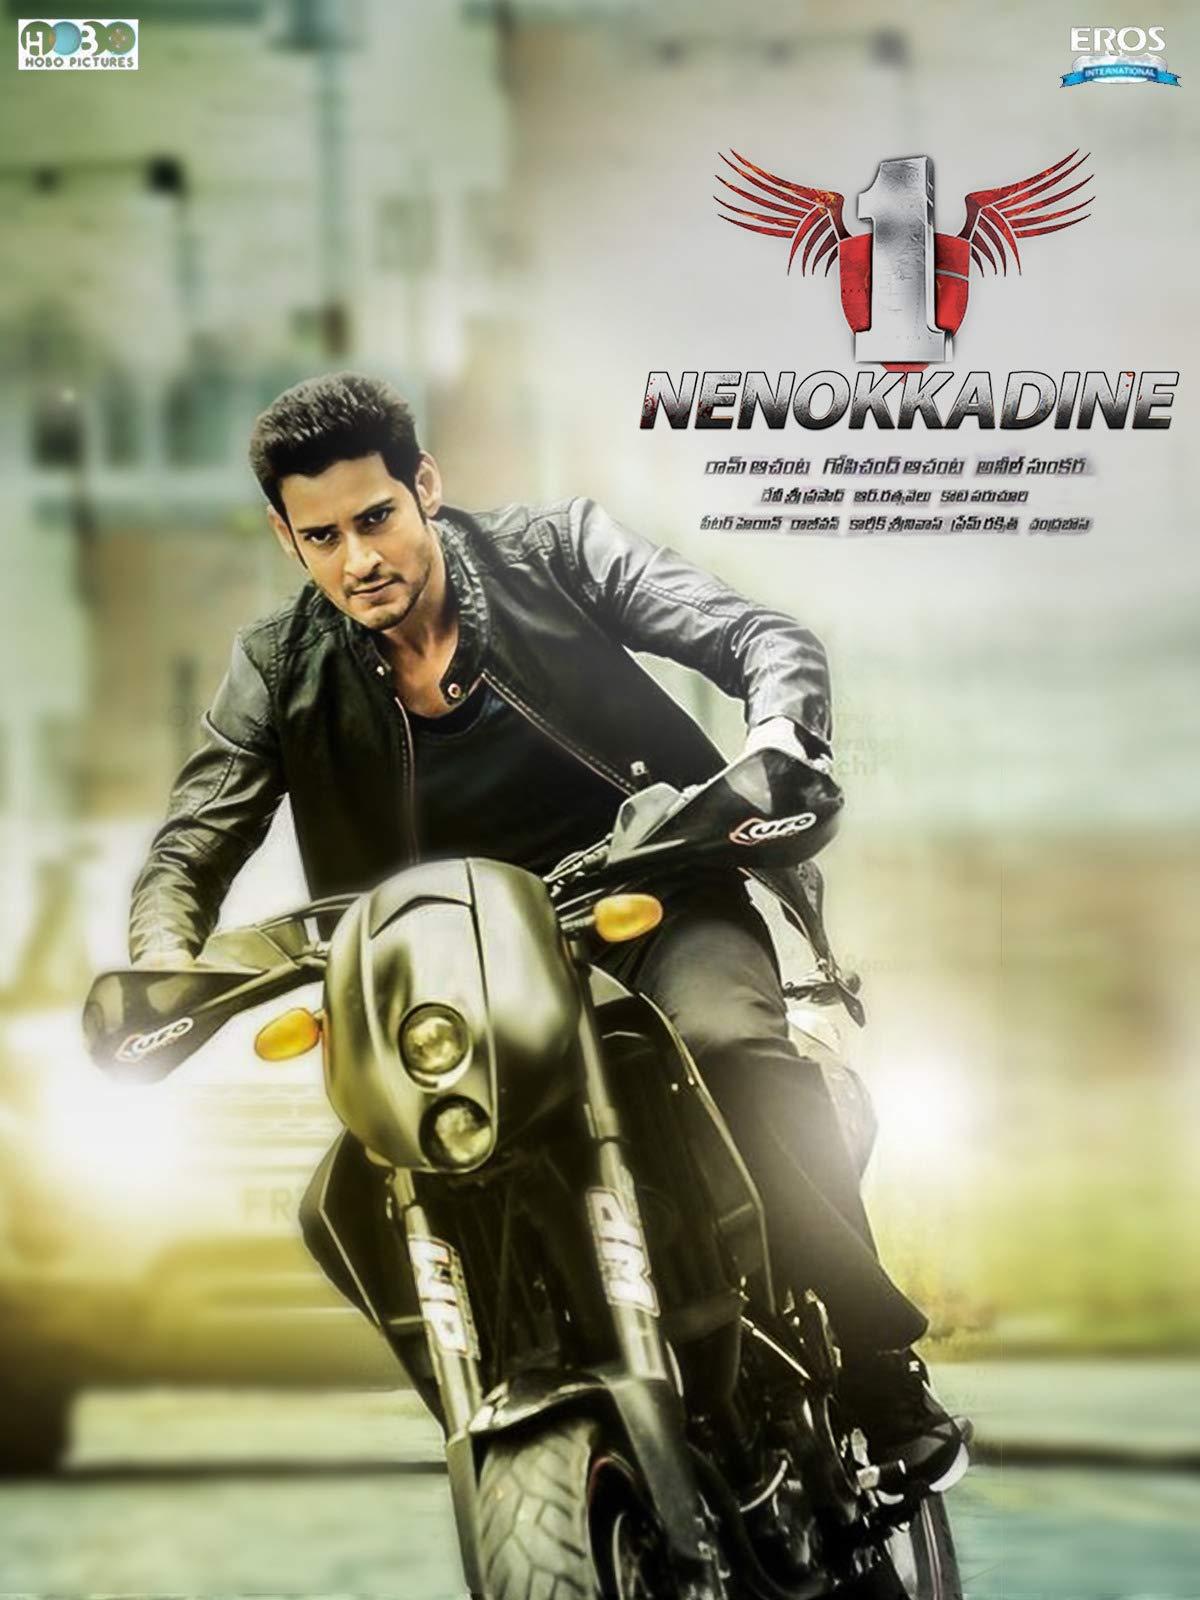 1 Nenokkadine (2021) Hindi ORG Dual Audio 720p BluRay 850MB Download